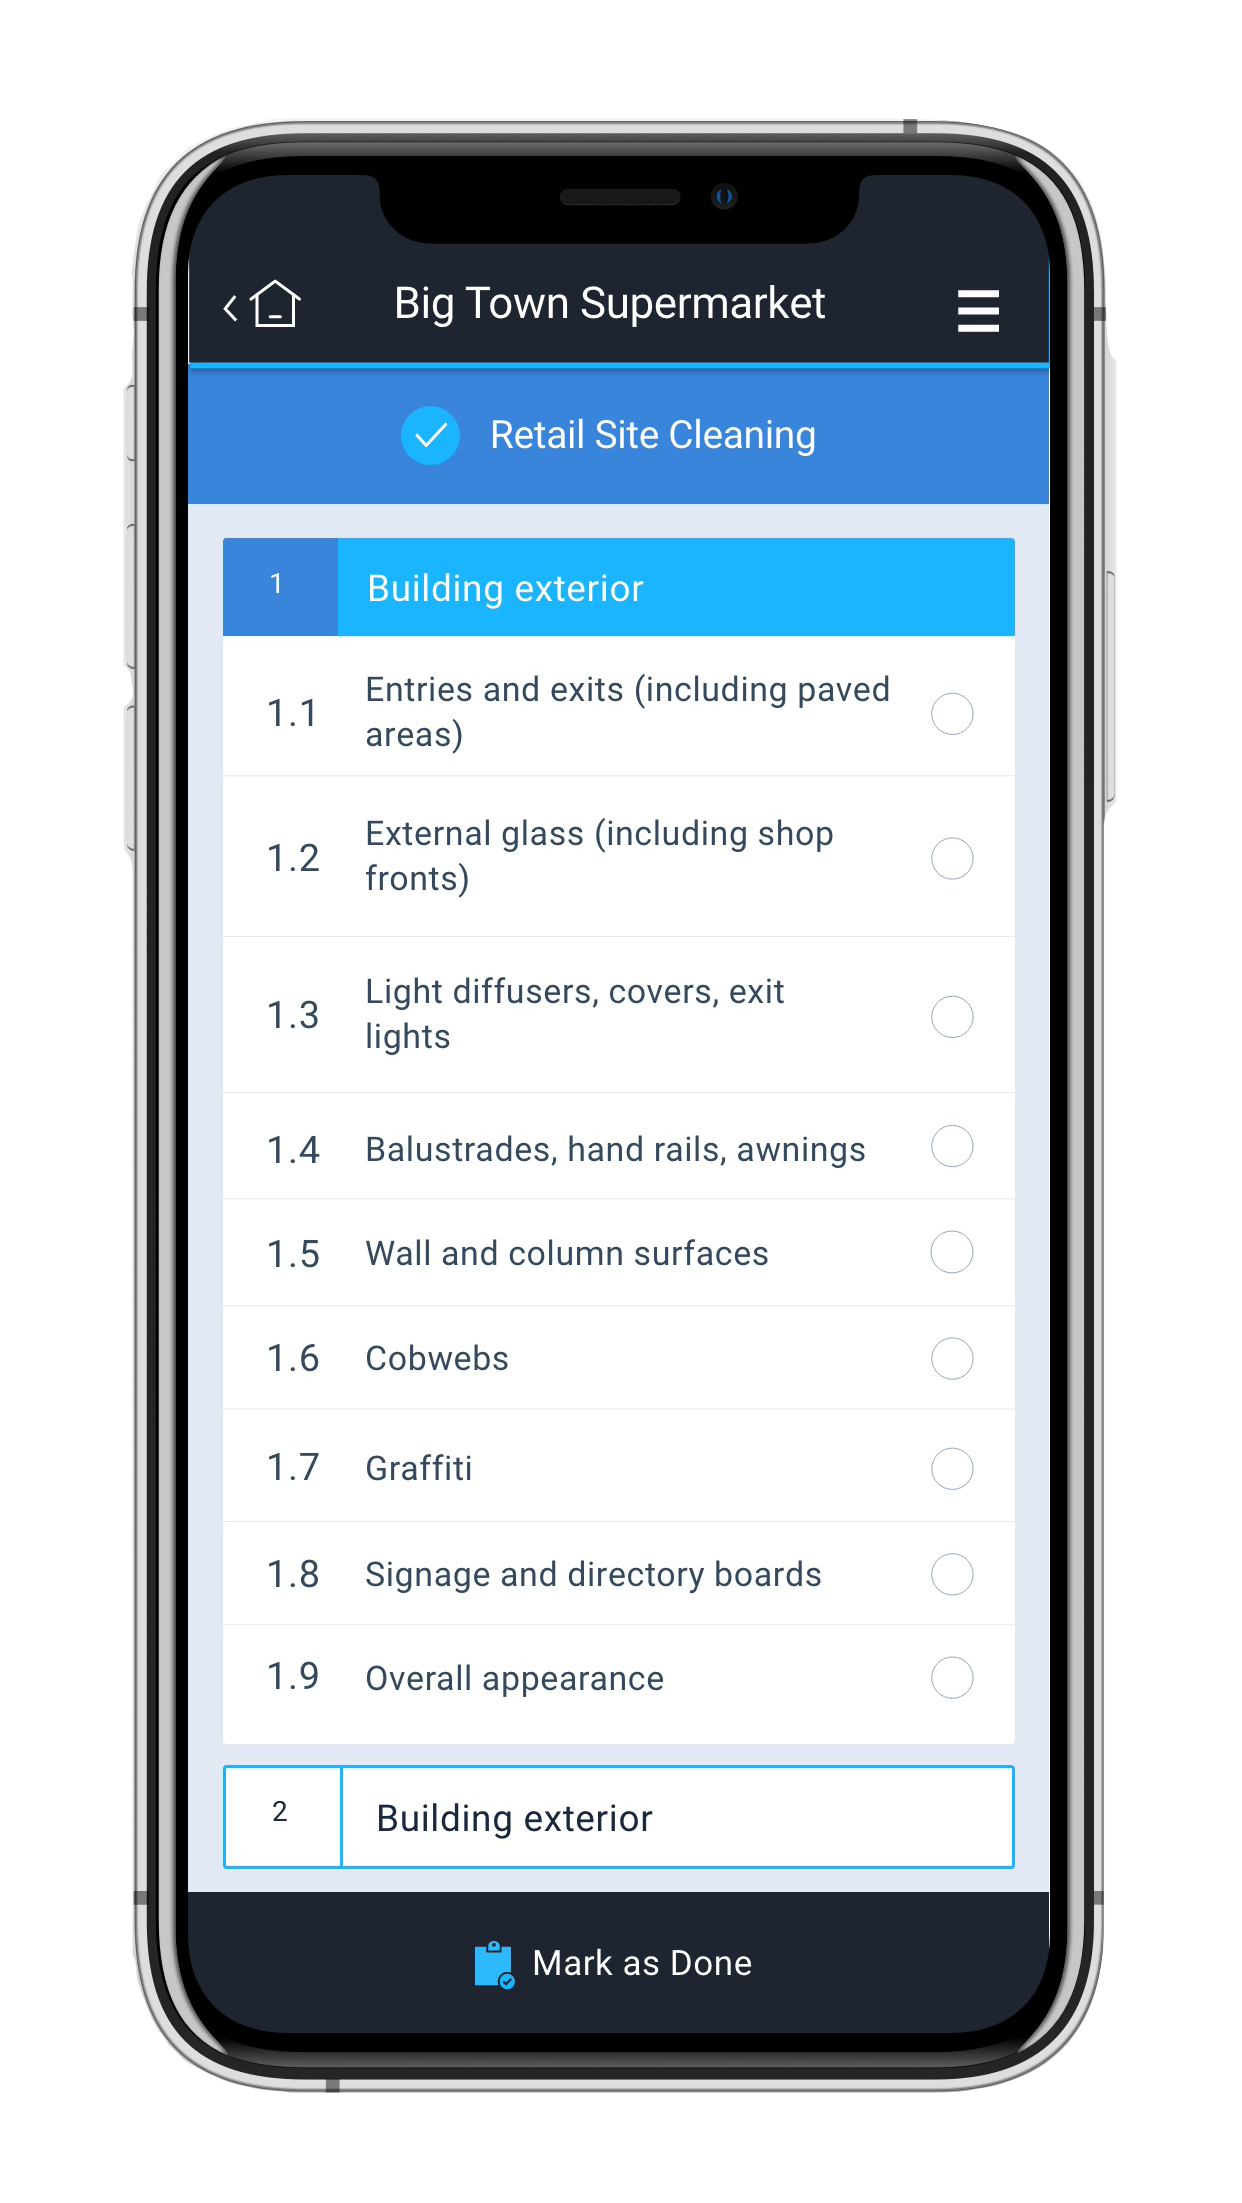 Therma Digital Checklist App - SmartCheck